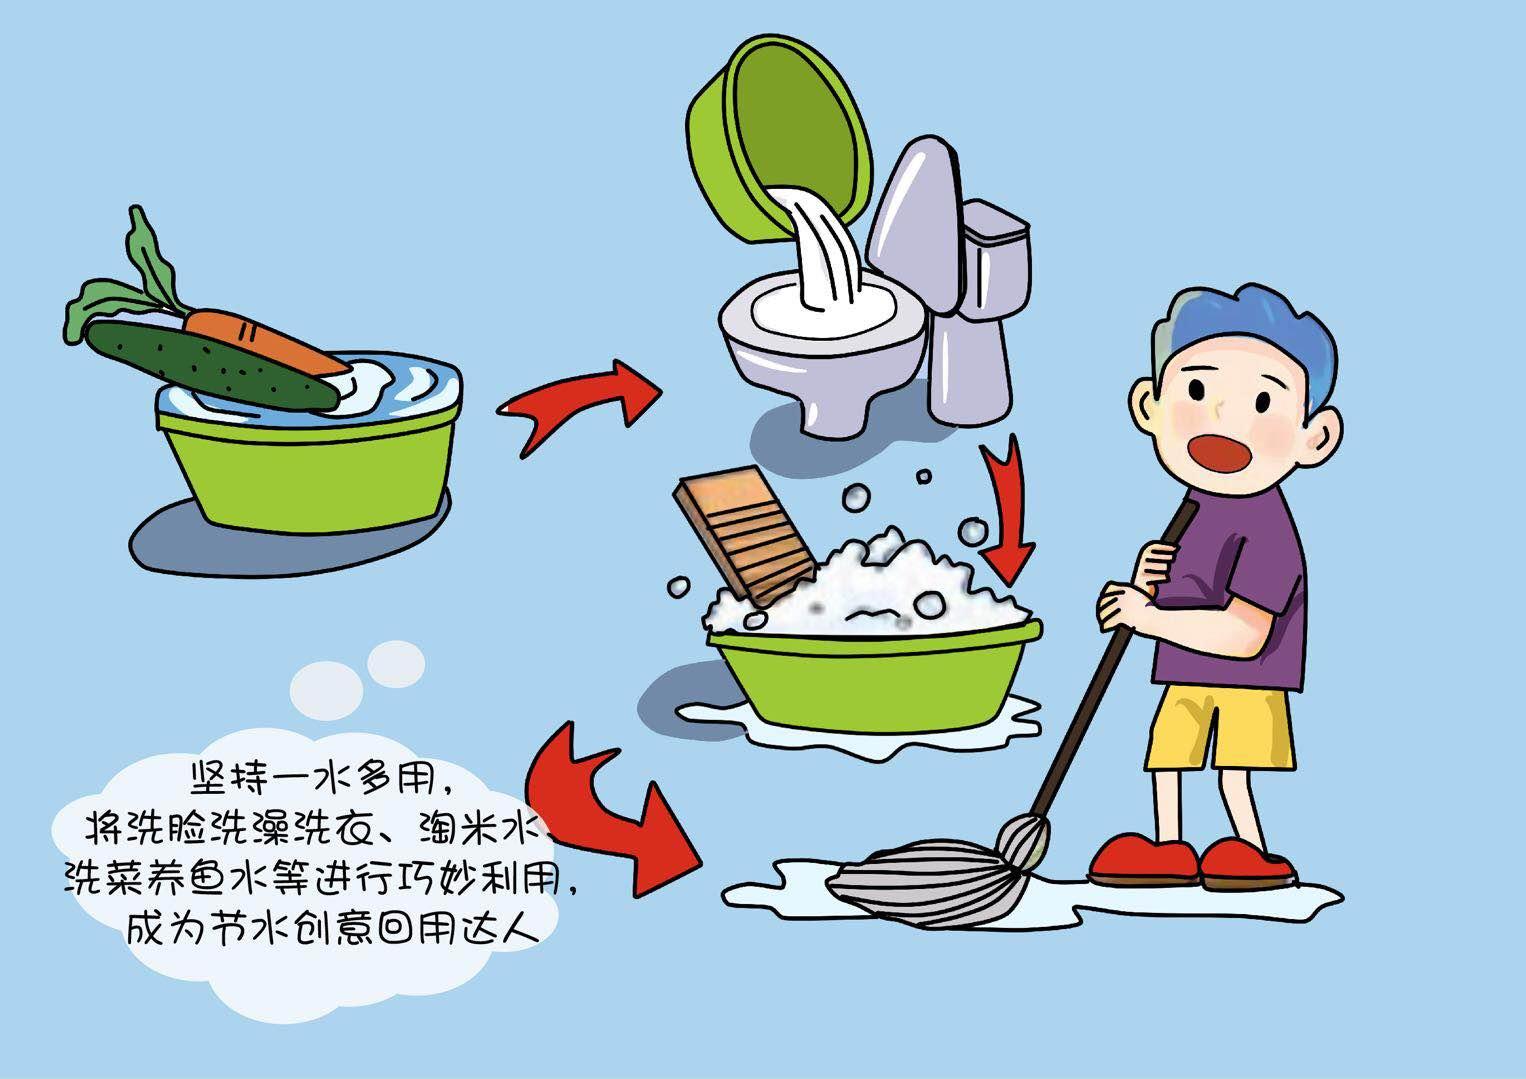 """致济南广大市民的倡议书:""""节水保泉 爱我泉城"""""""